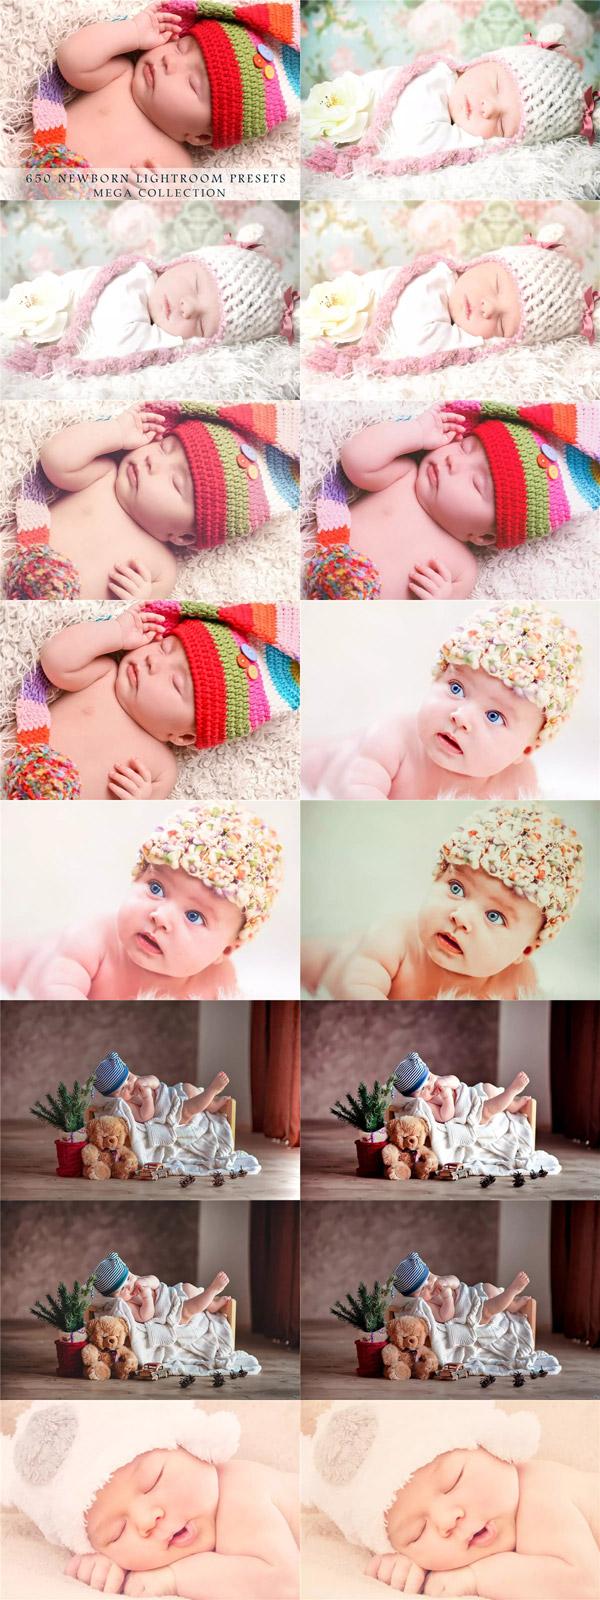 宝宝照片调色LR预设